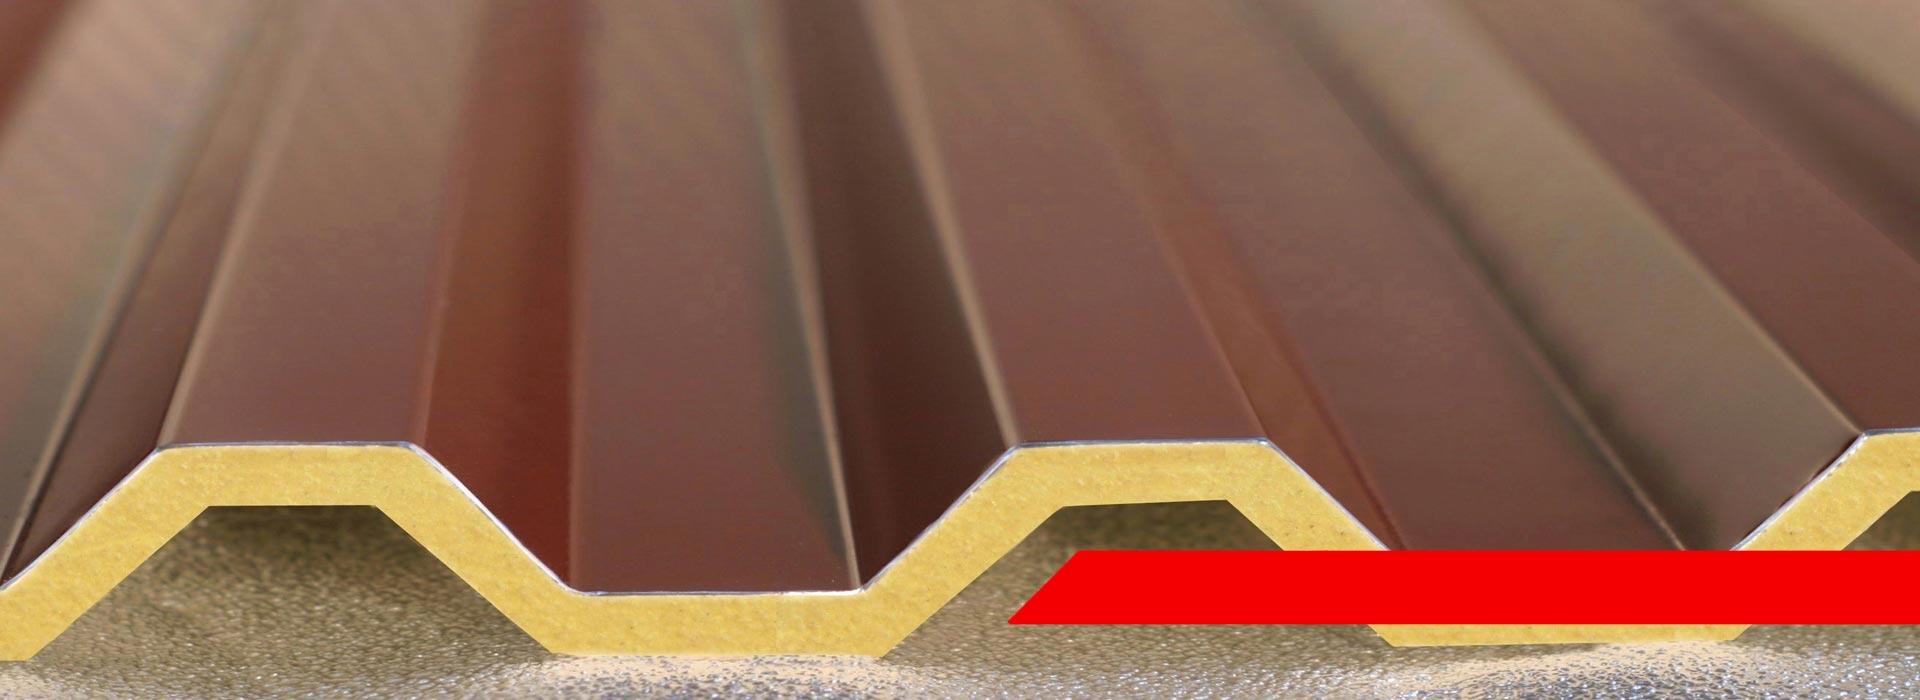 edilizia-banfi-vendita-materiali-per-coperture-lomazzo-como-04